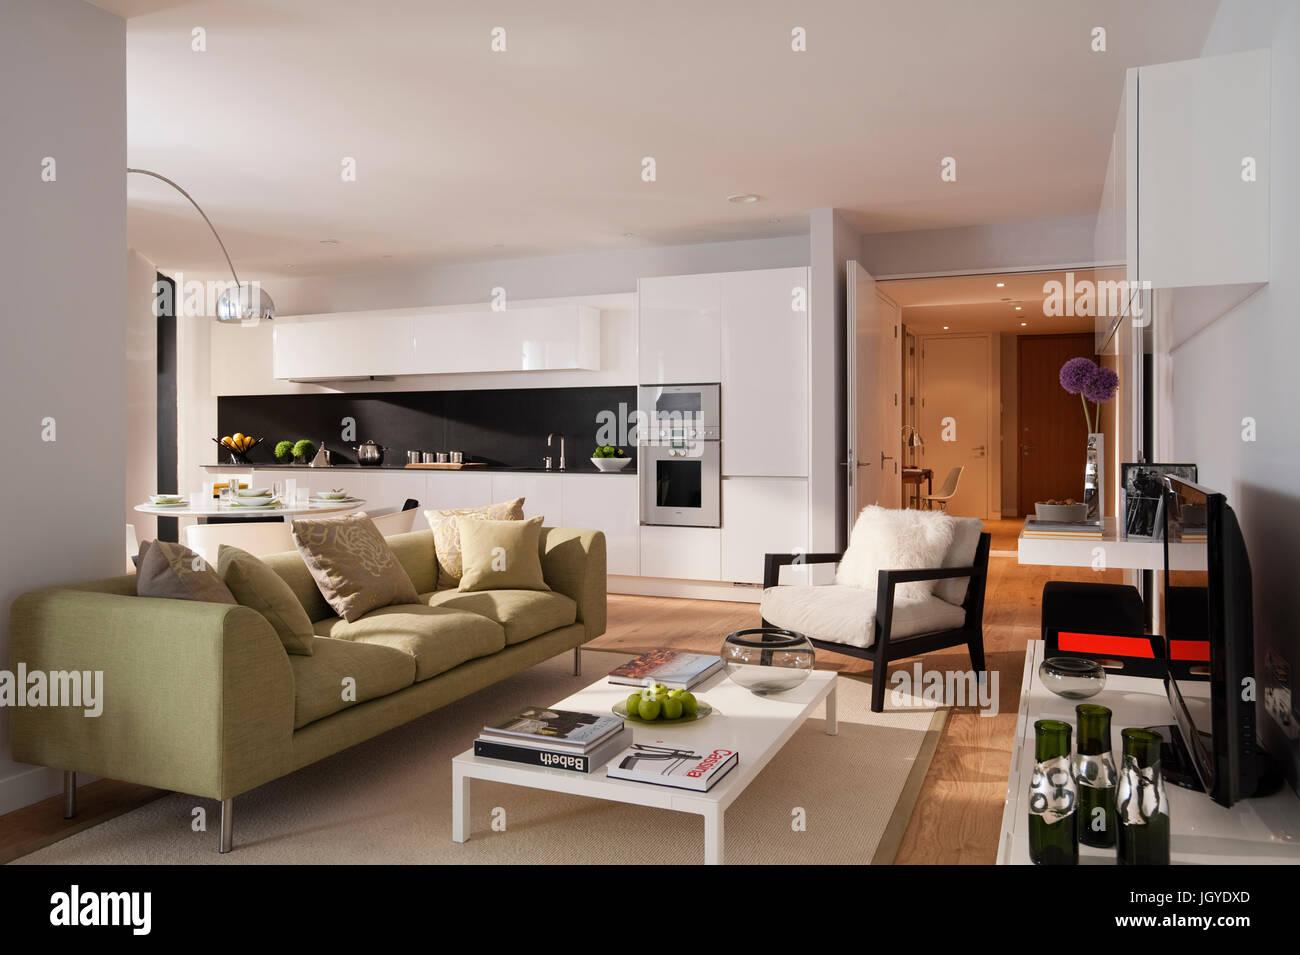 Plan ouvert salon et cuisine avec canapé vert Photo Stock